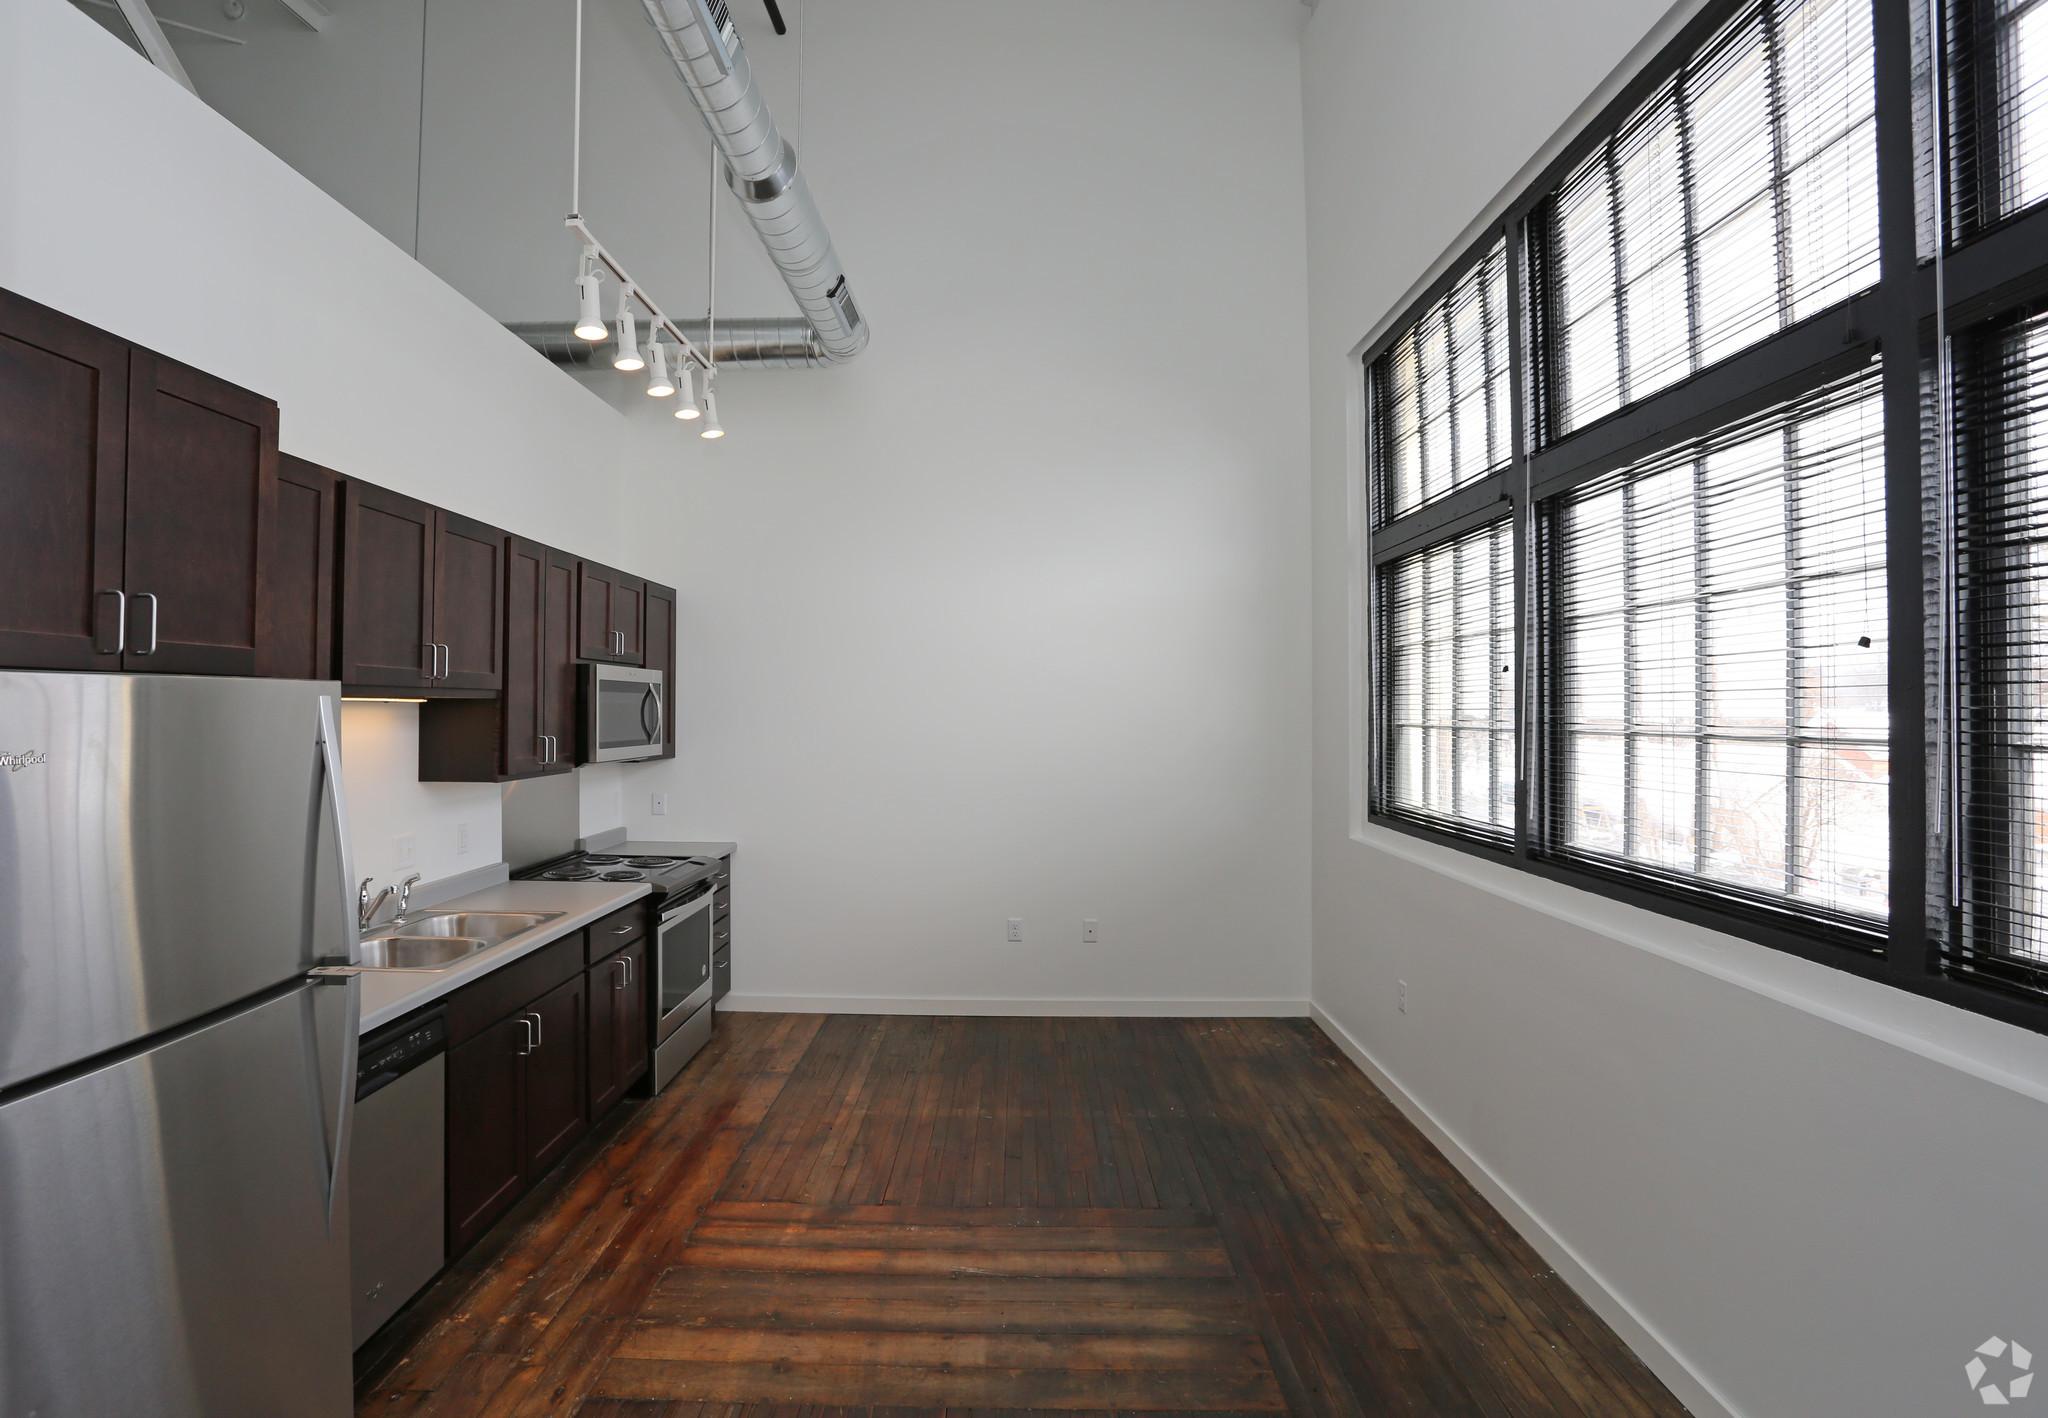 atrium-lofts-wausau-wi-kitchen.jpg